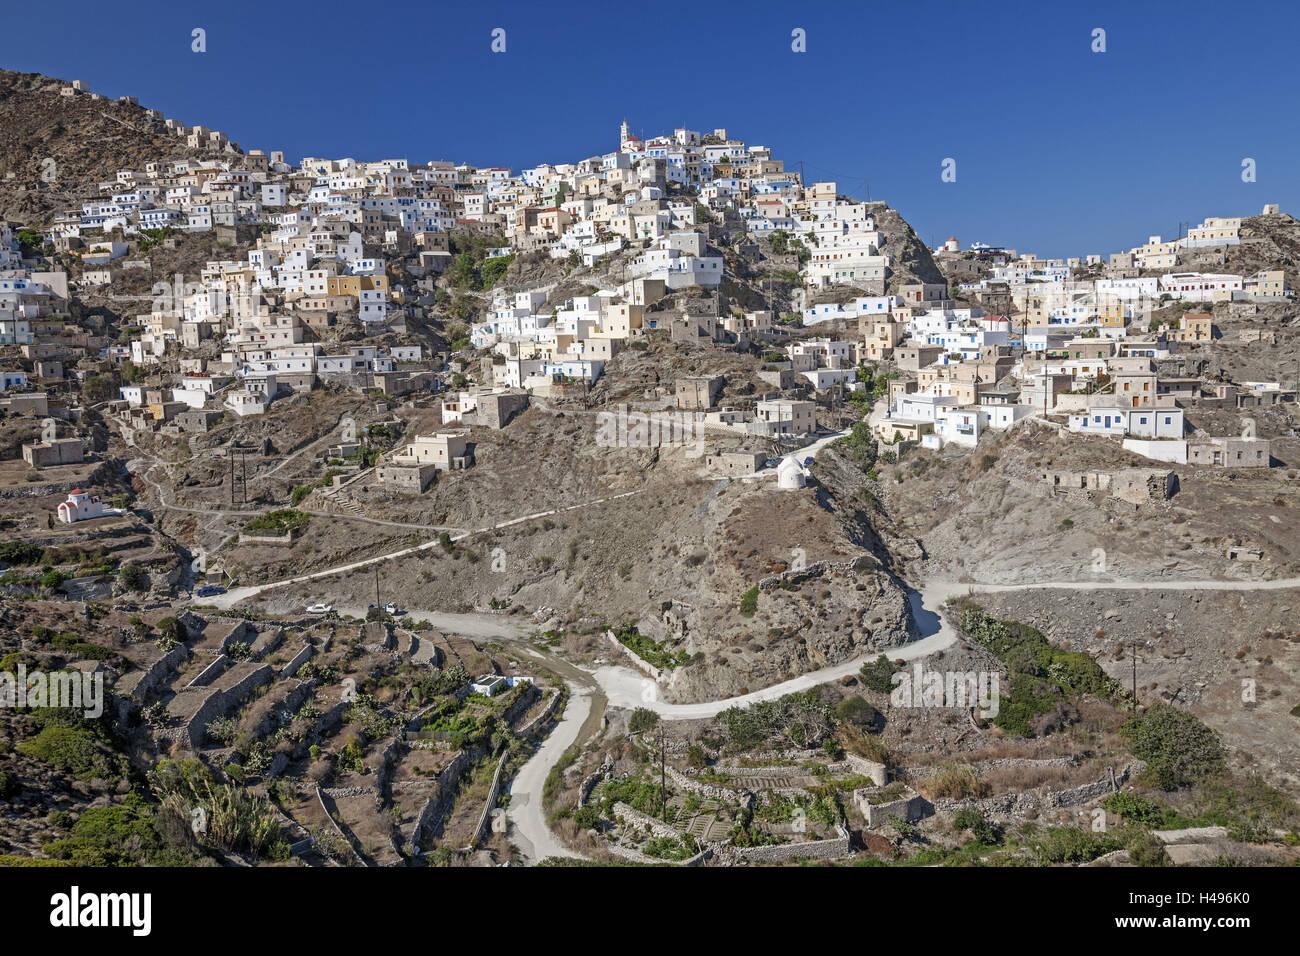 Greece, Karpathos, view at the mountain village of Olympos, Stock Photo